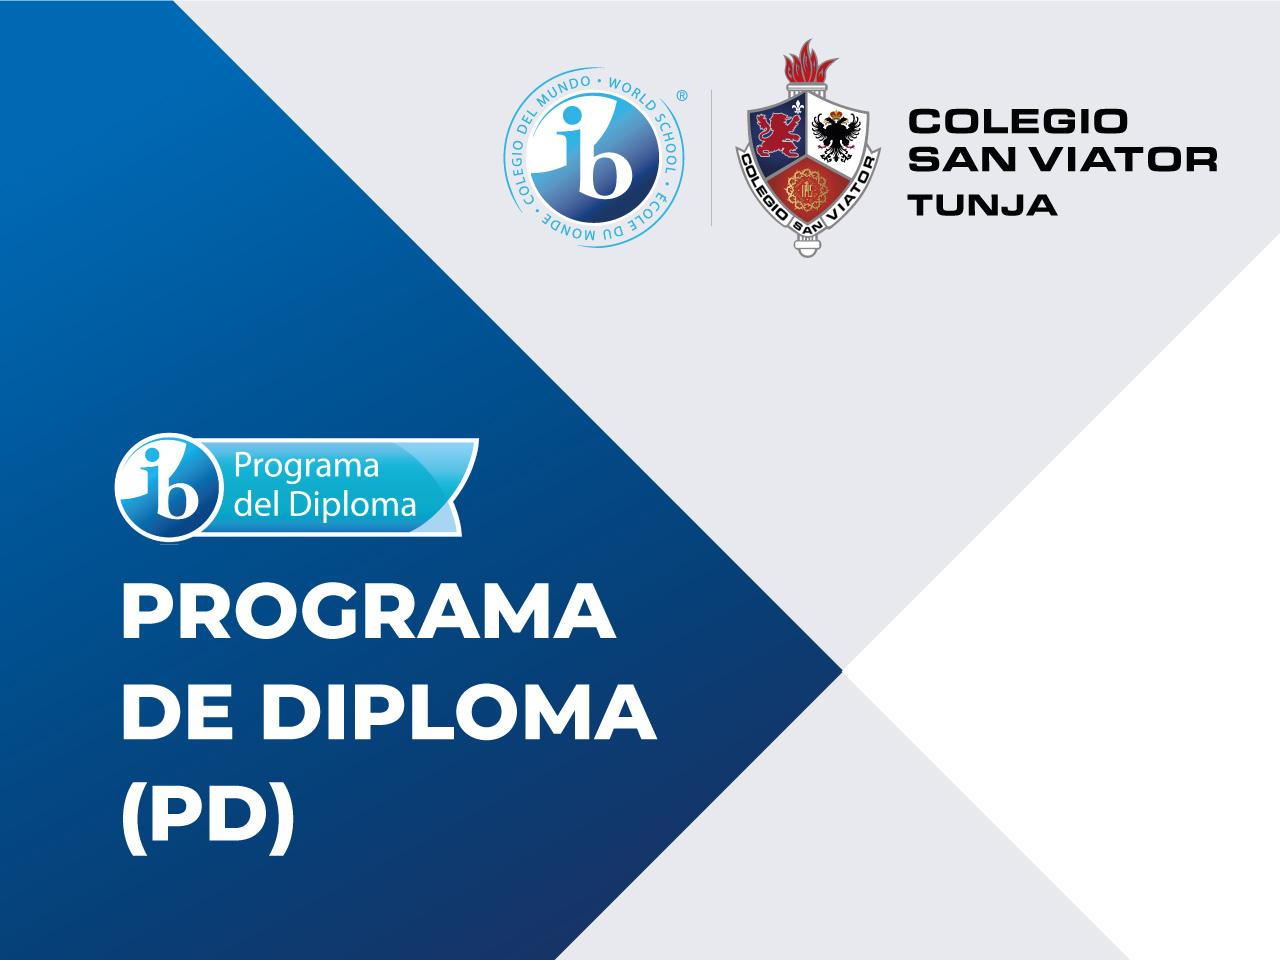 Programa-del-DIplomas-Colagio-San-Viator-Tunja